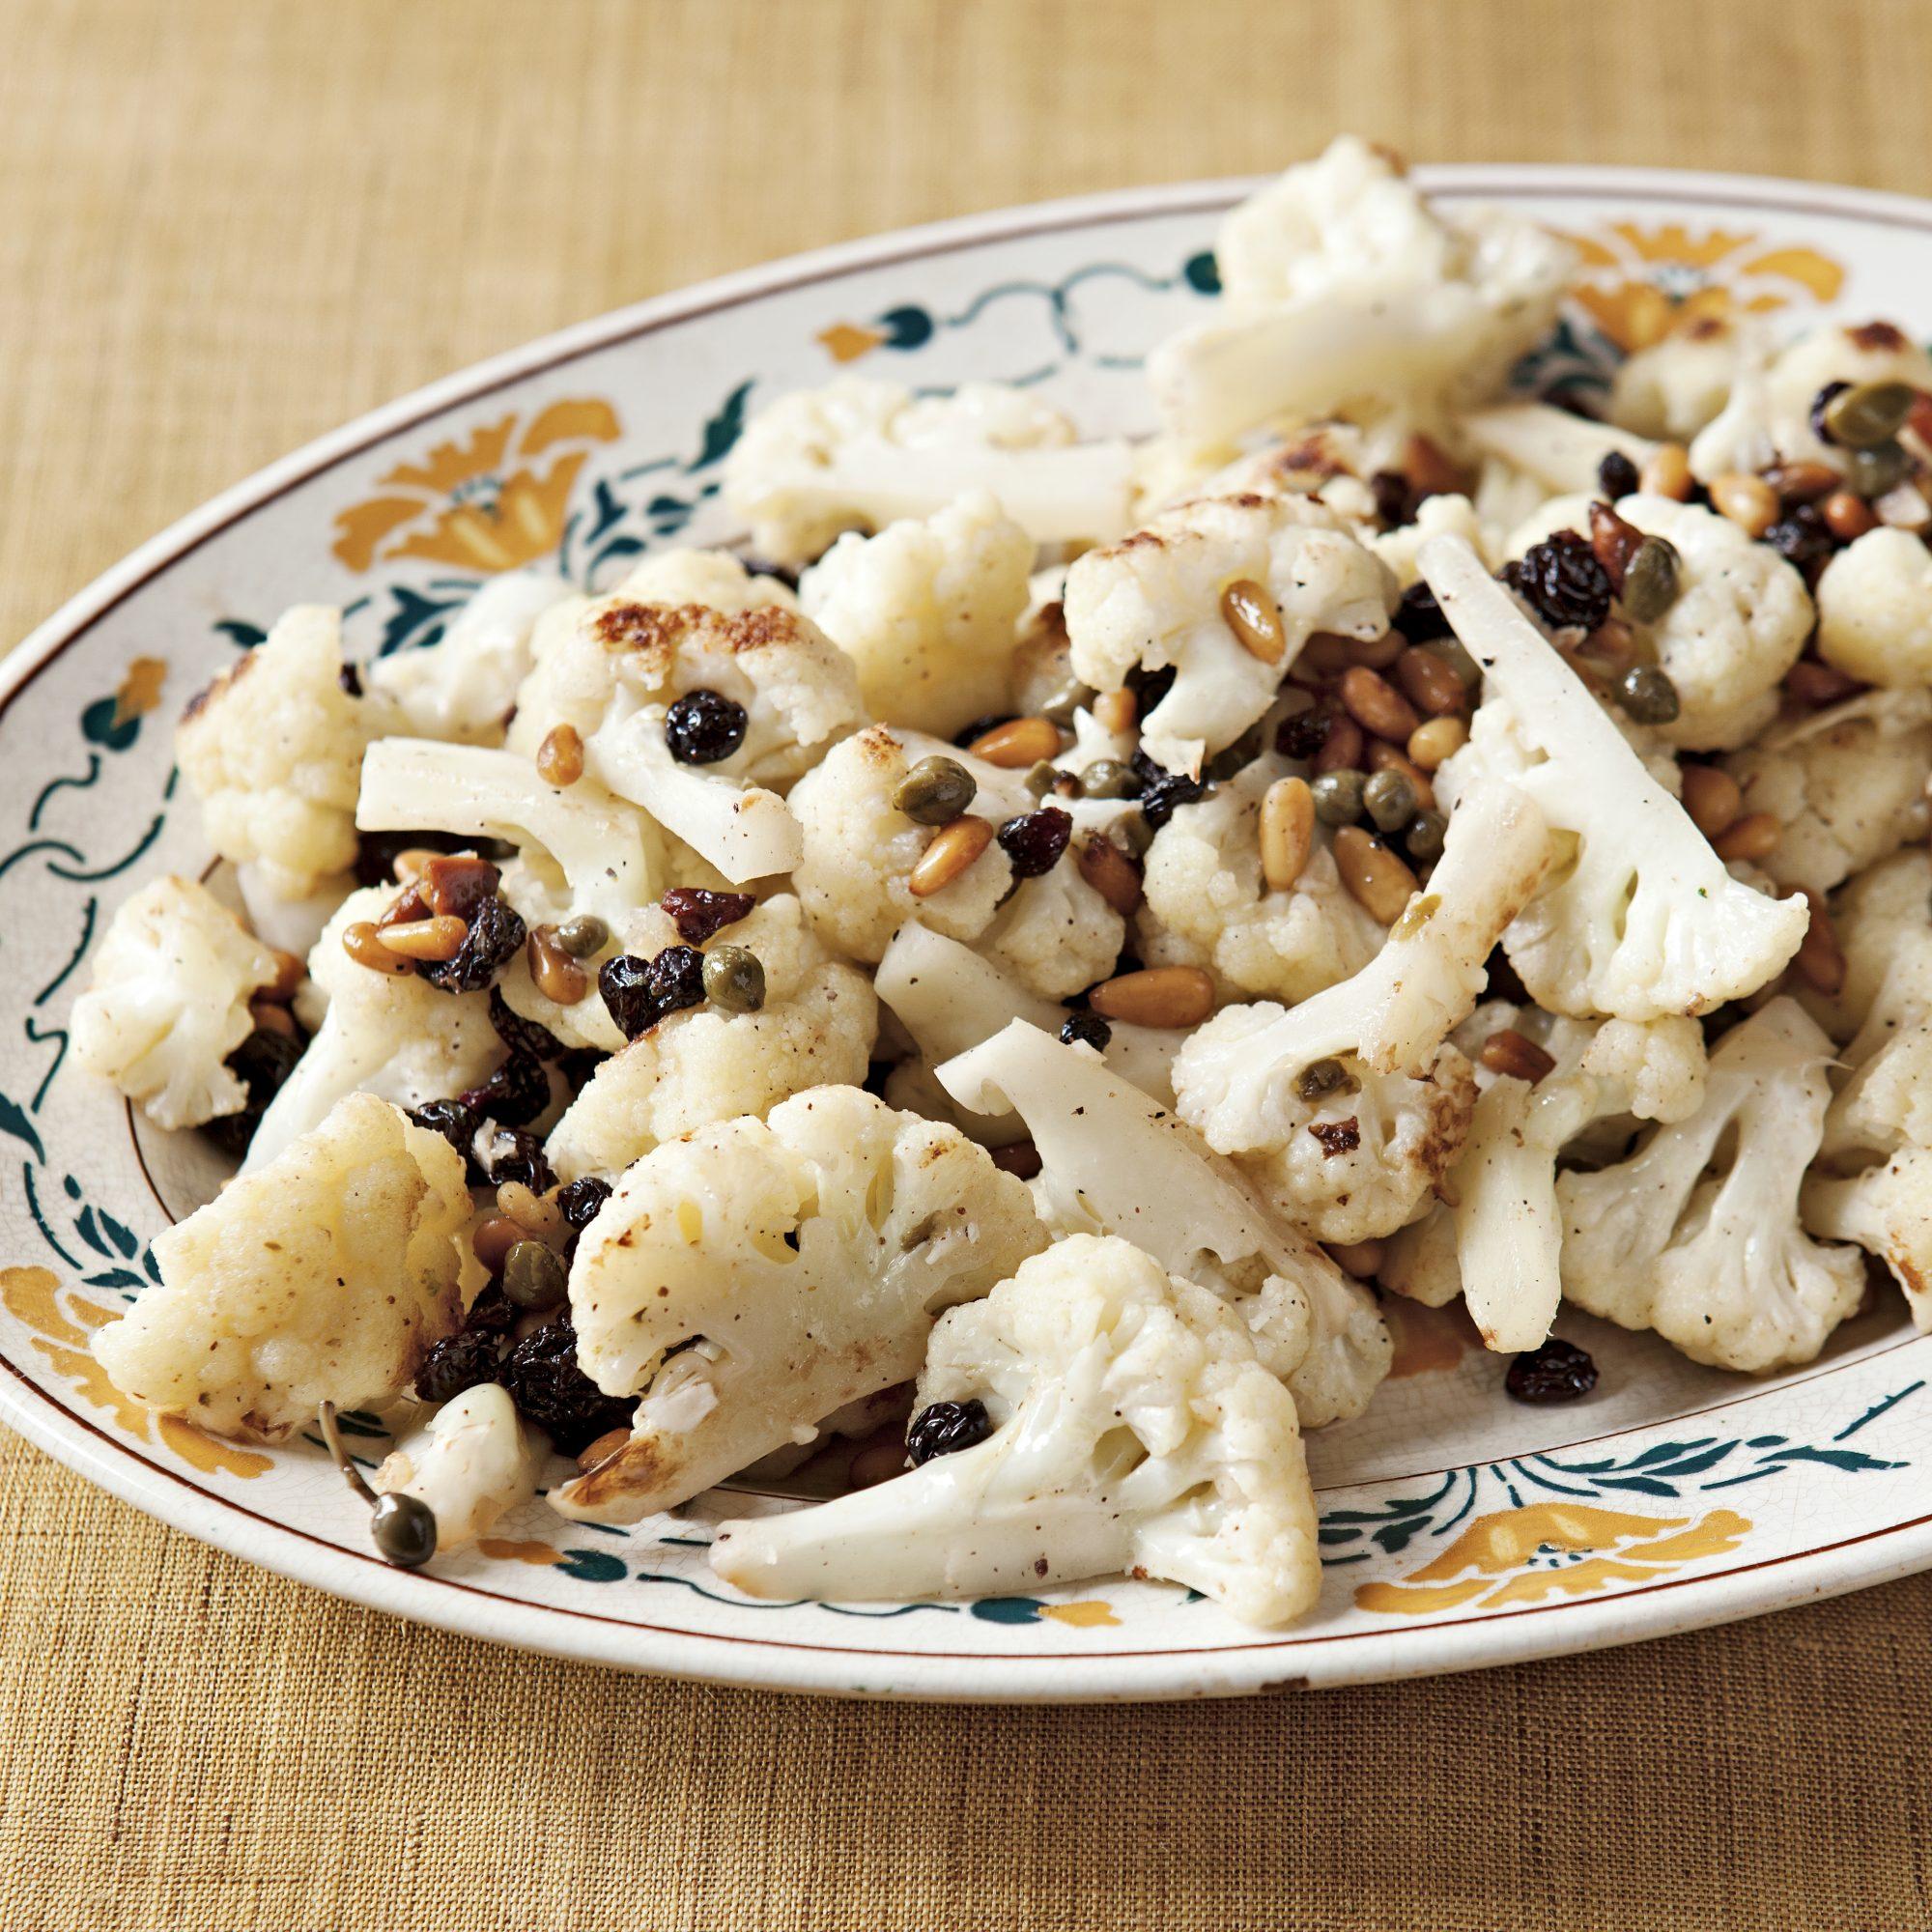 cauliflower toss-up